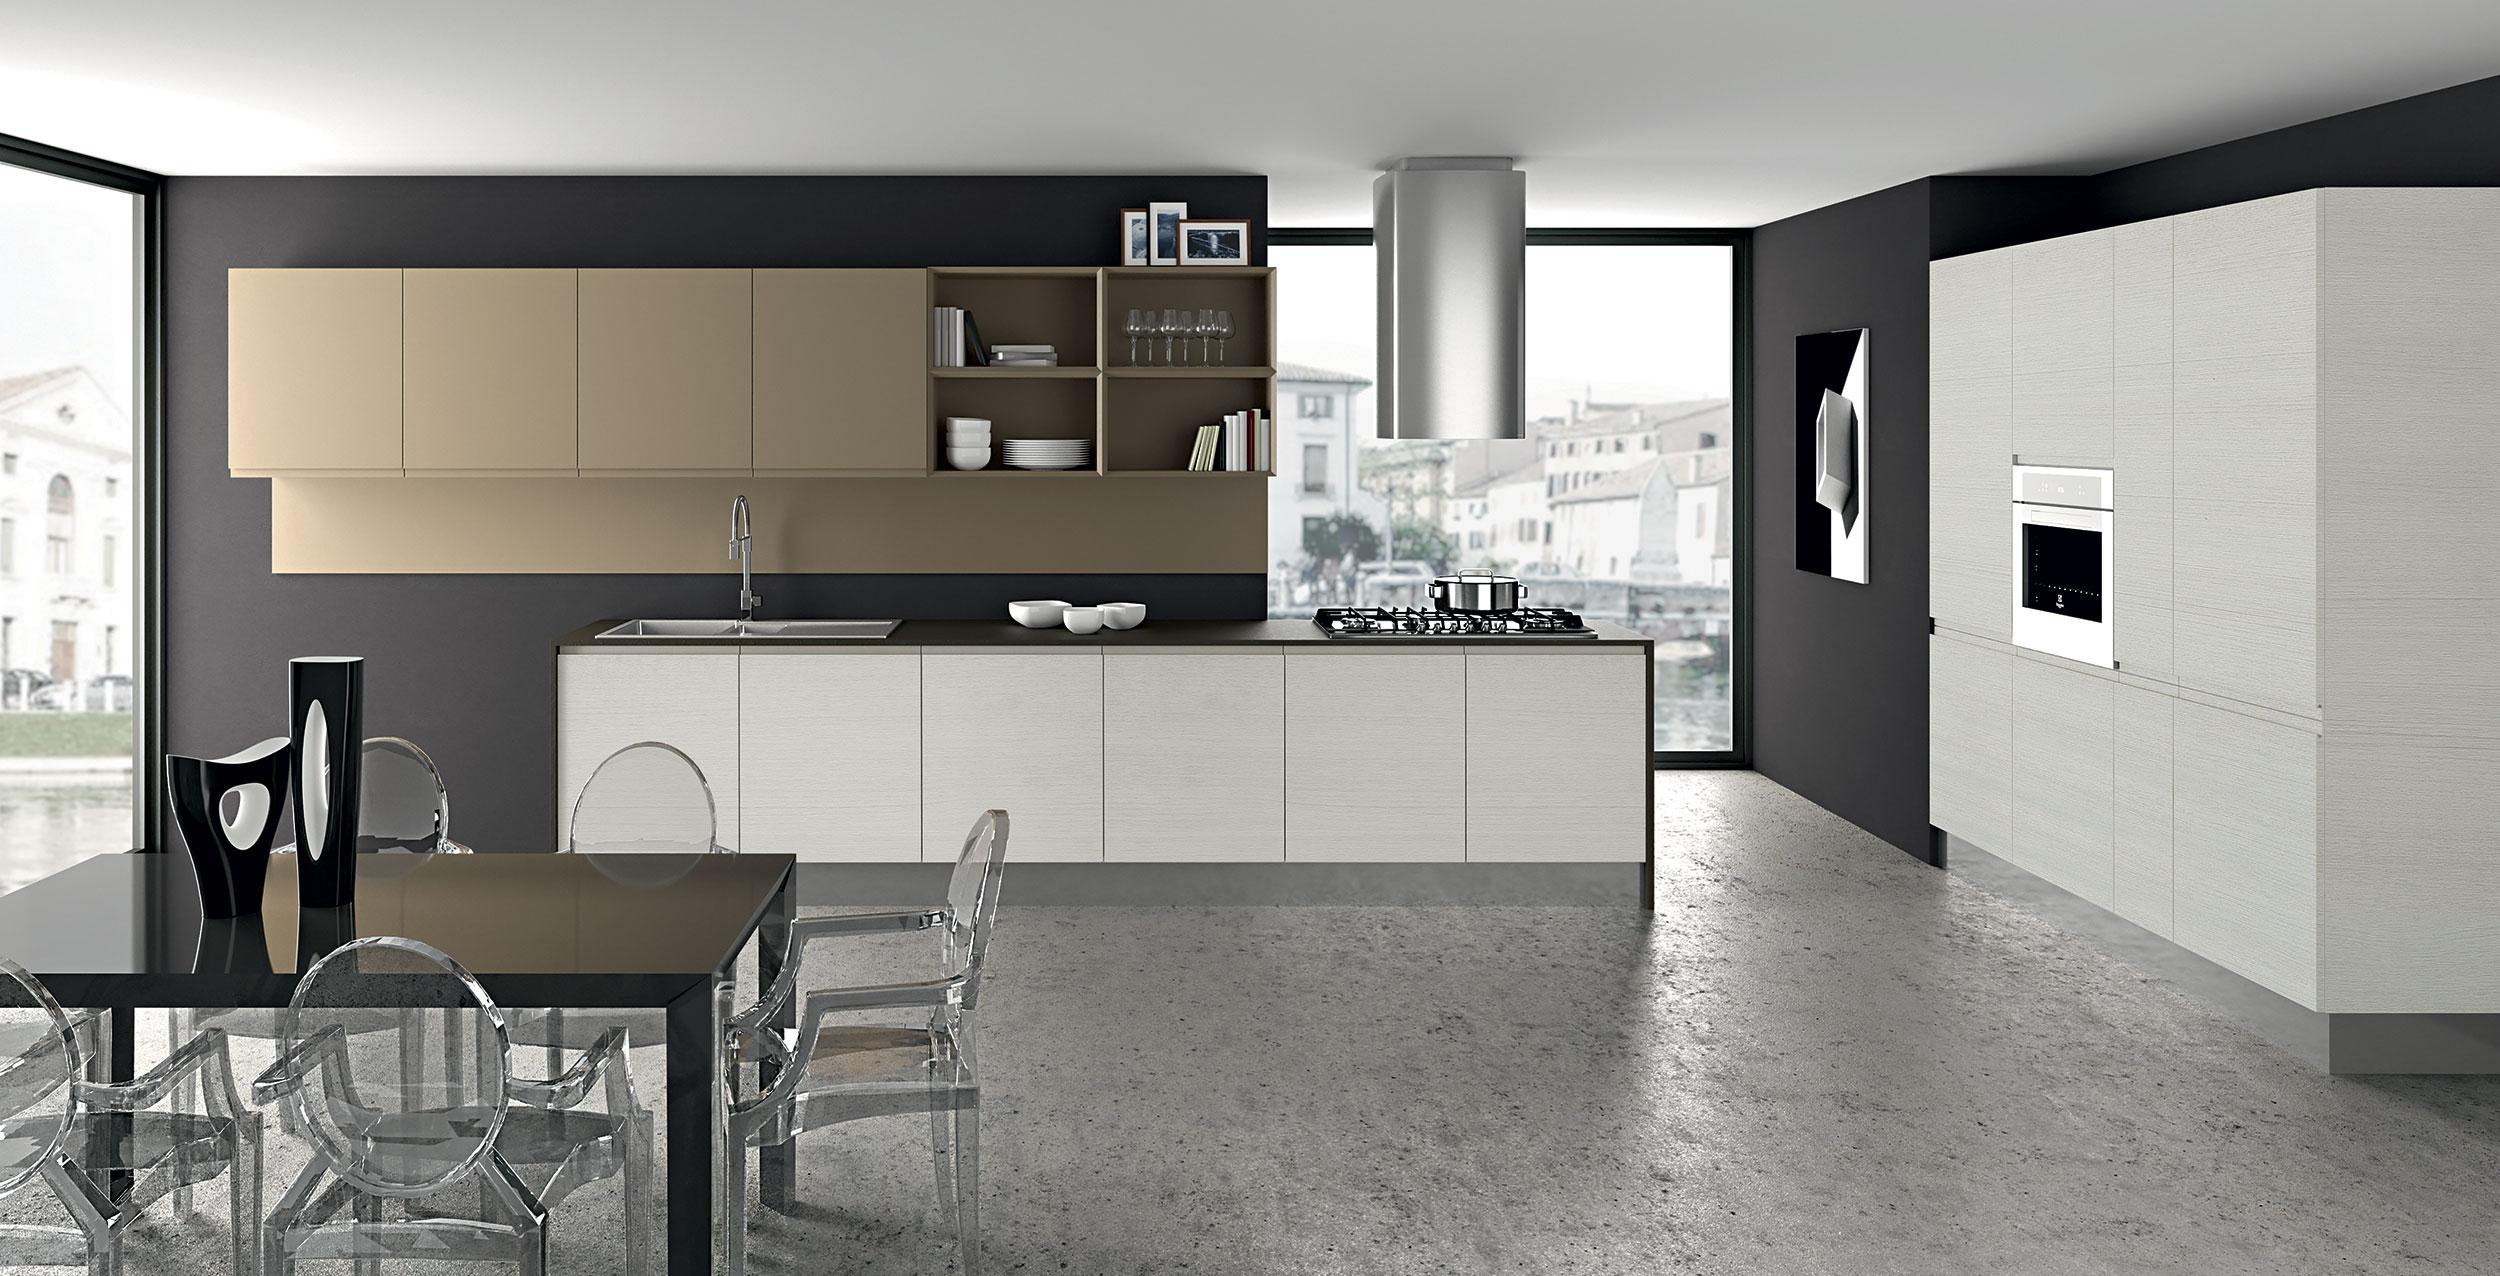 La poignée intégrée dans la porte de 22mm a une courbure si souple que non seulement la prise est sure et immédiate mais cela donne à la cuisine une touche de douceur élégante. La palette des couleurs neutres en ecowood et mono laqué opaque ou brillant donne une ambiance lumineuse et sereine qui transforme chaque combinaison et projet en un choix de style à un prix contenu. La versatilité de la composition permet d'articuler des espaces dynamiques et fonctionnels.